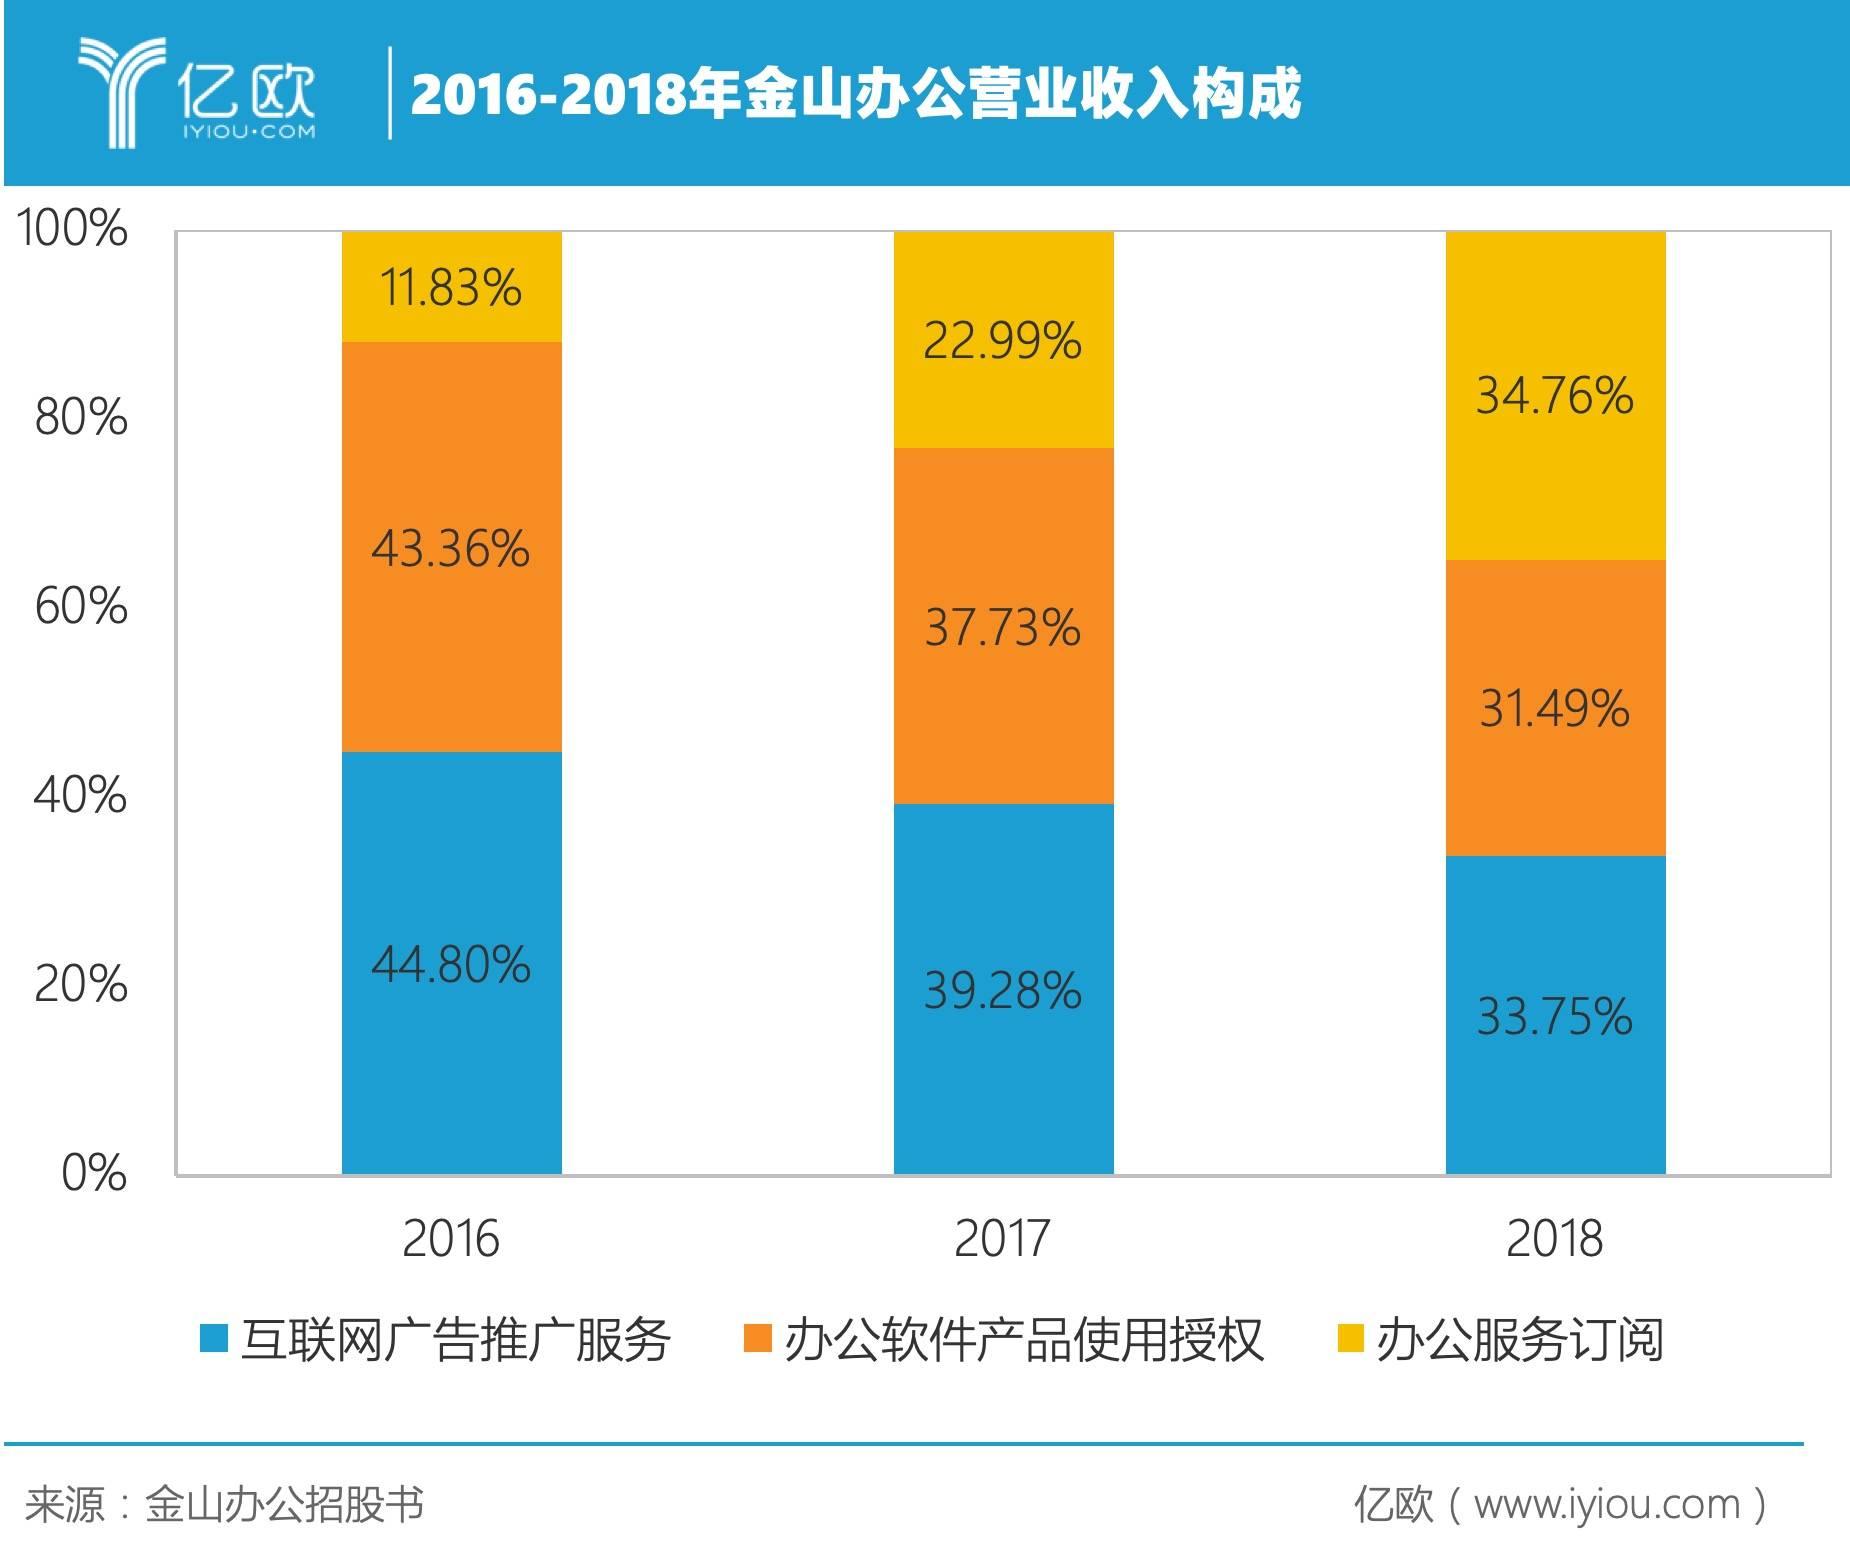 2016-2018年金山办公营业收入构成.jpeg